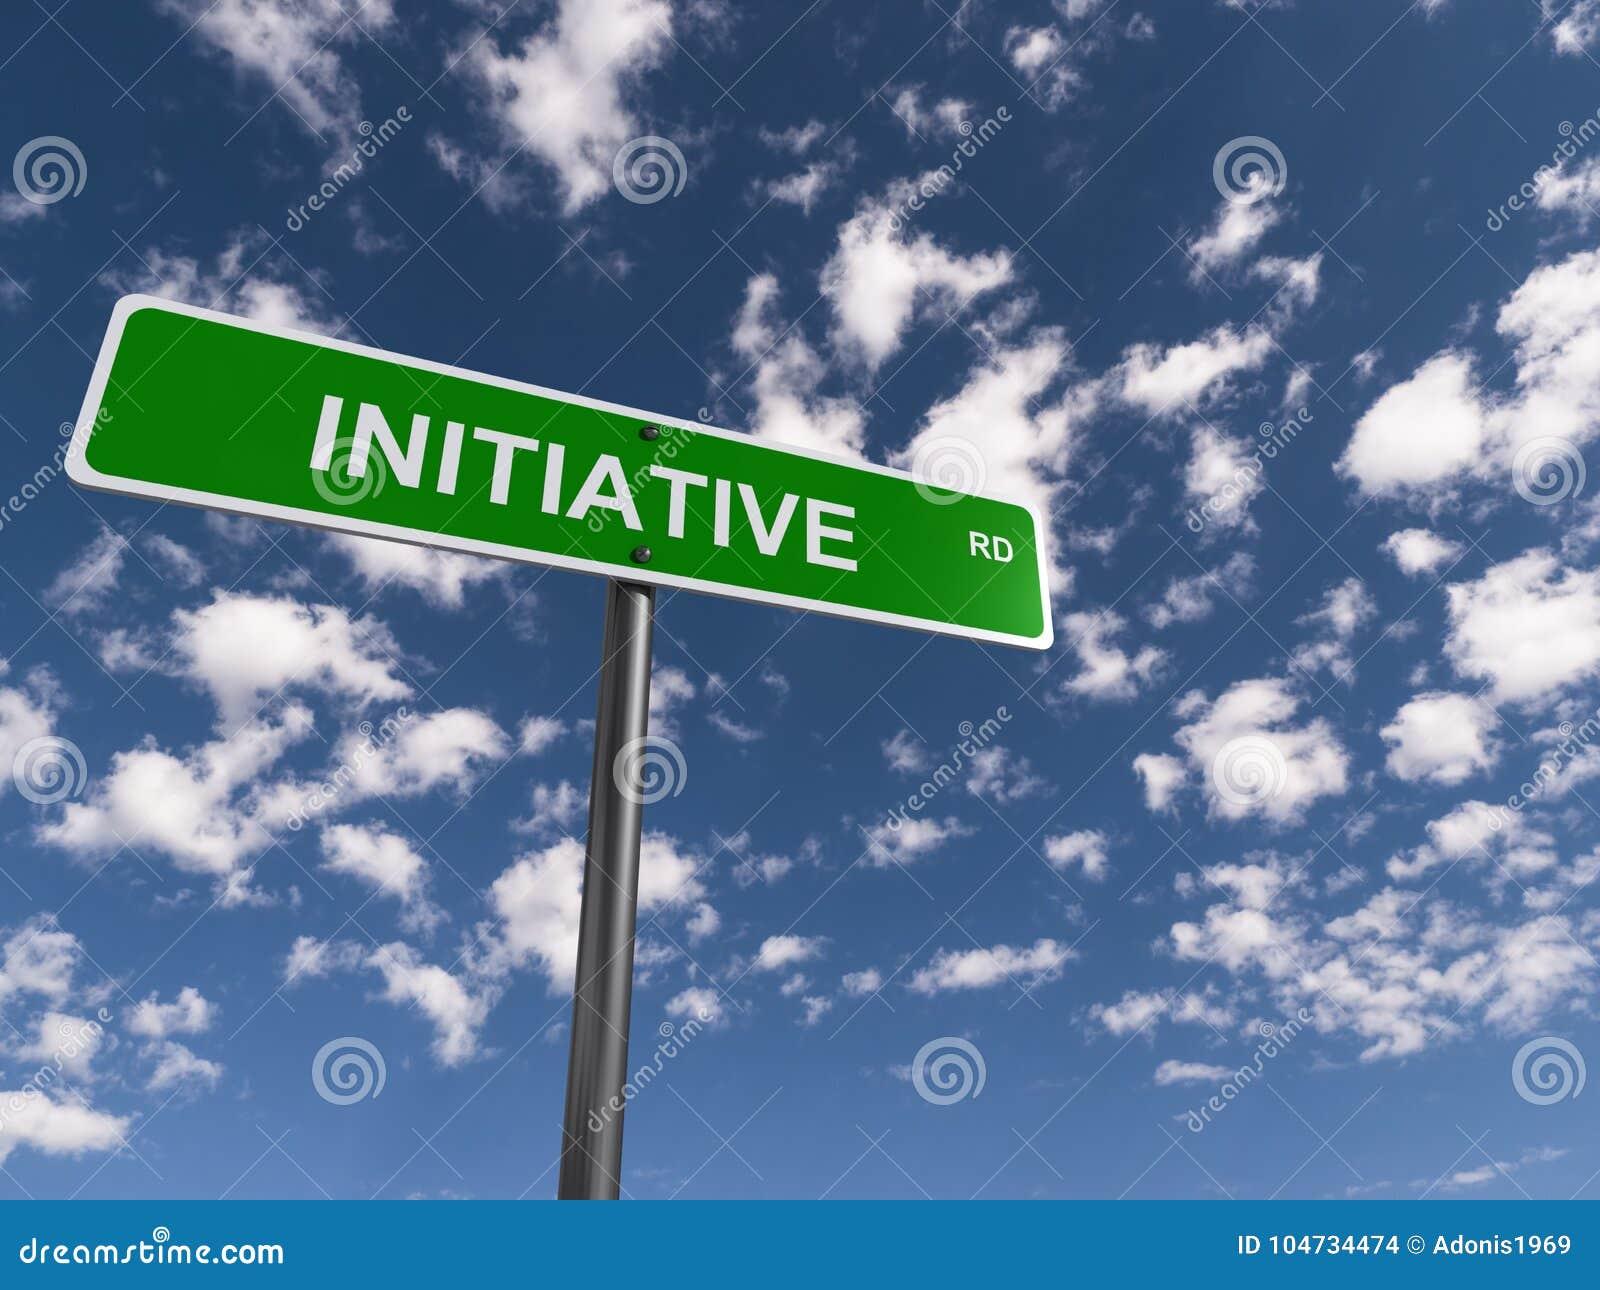 Initiative Road